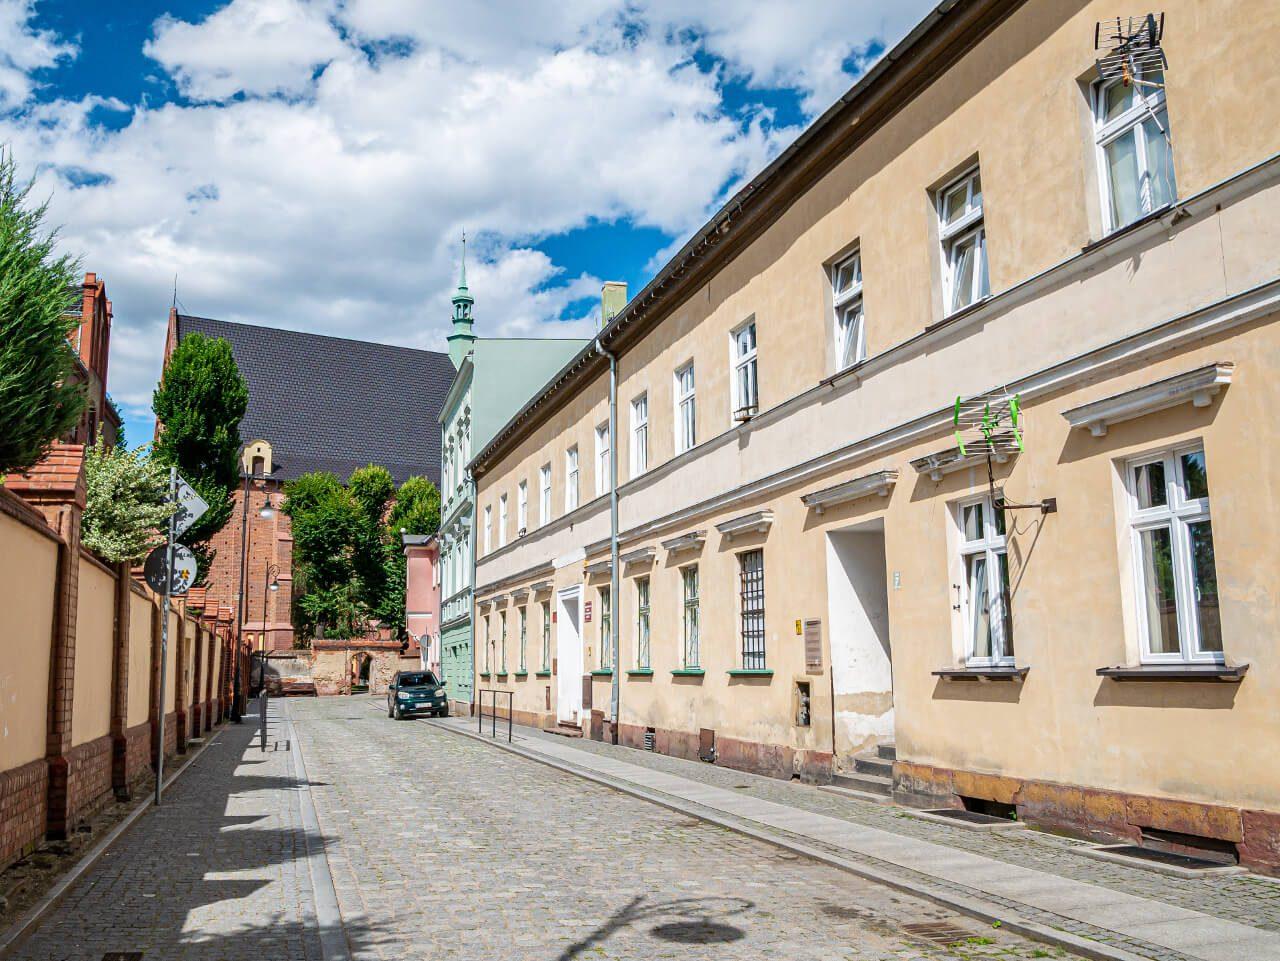 Ulica Krzywa Ząbkowice Śląskie